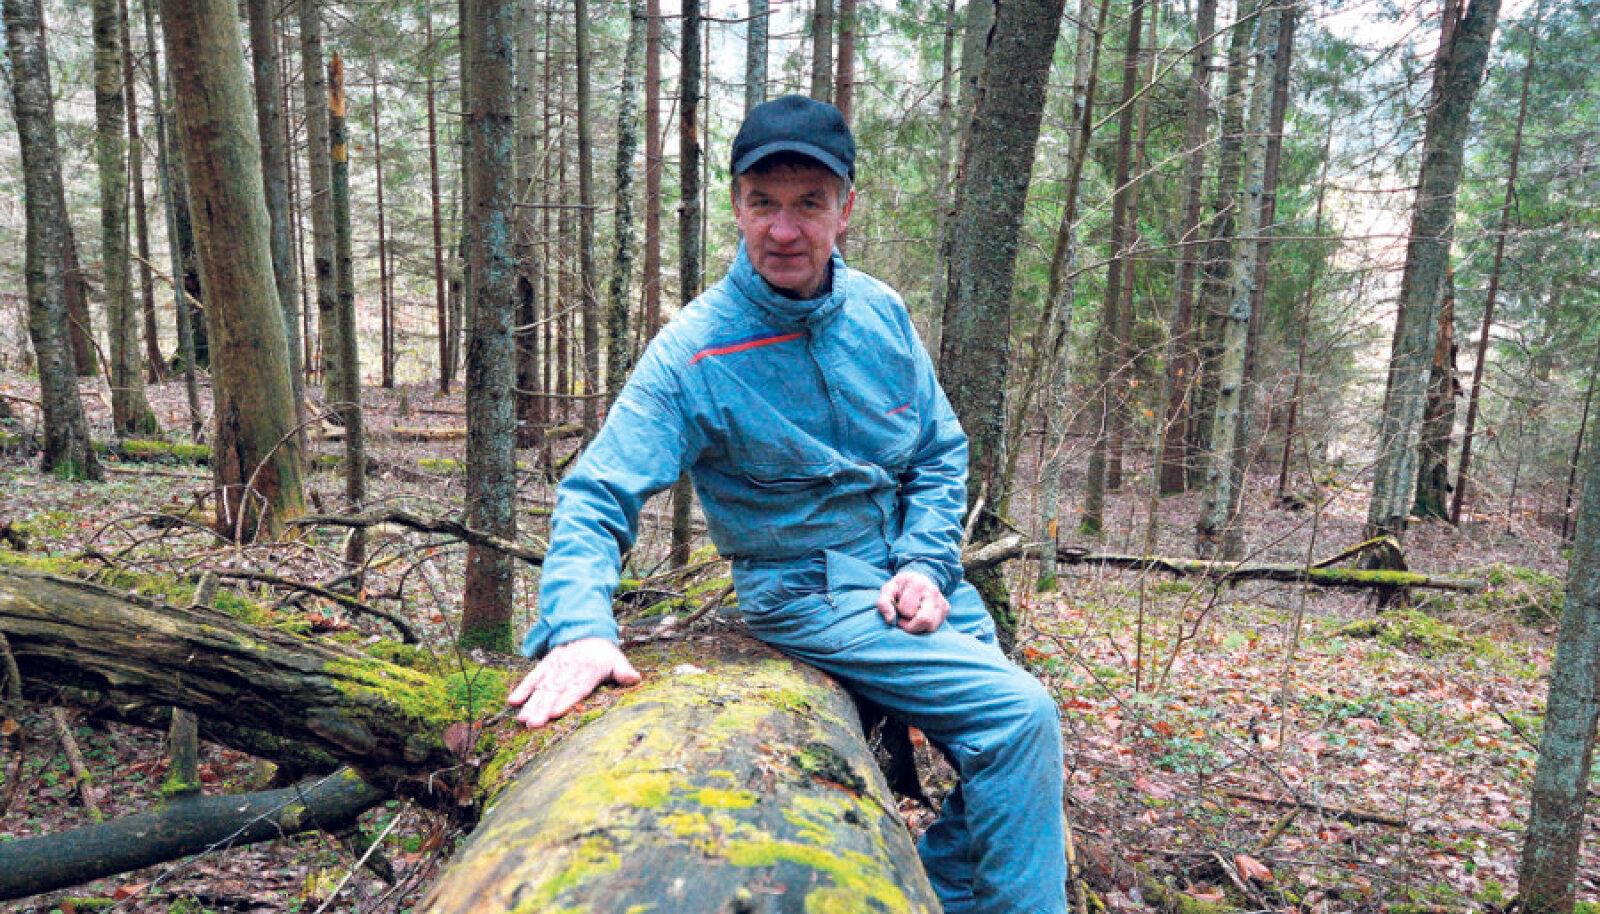 Haanja valla mees Kalju Kalk jäi looduskaitsesaaga hammasrataste vahele  2006. aastal, kui selgus, et lõviosa tema metsast asub loodaval kaitsealal. Nüüd puud mädanevad, sest saega metsa minemisele ei saa mõeldagi.